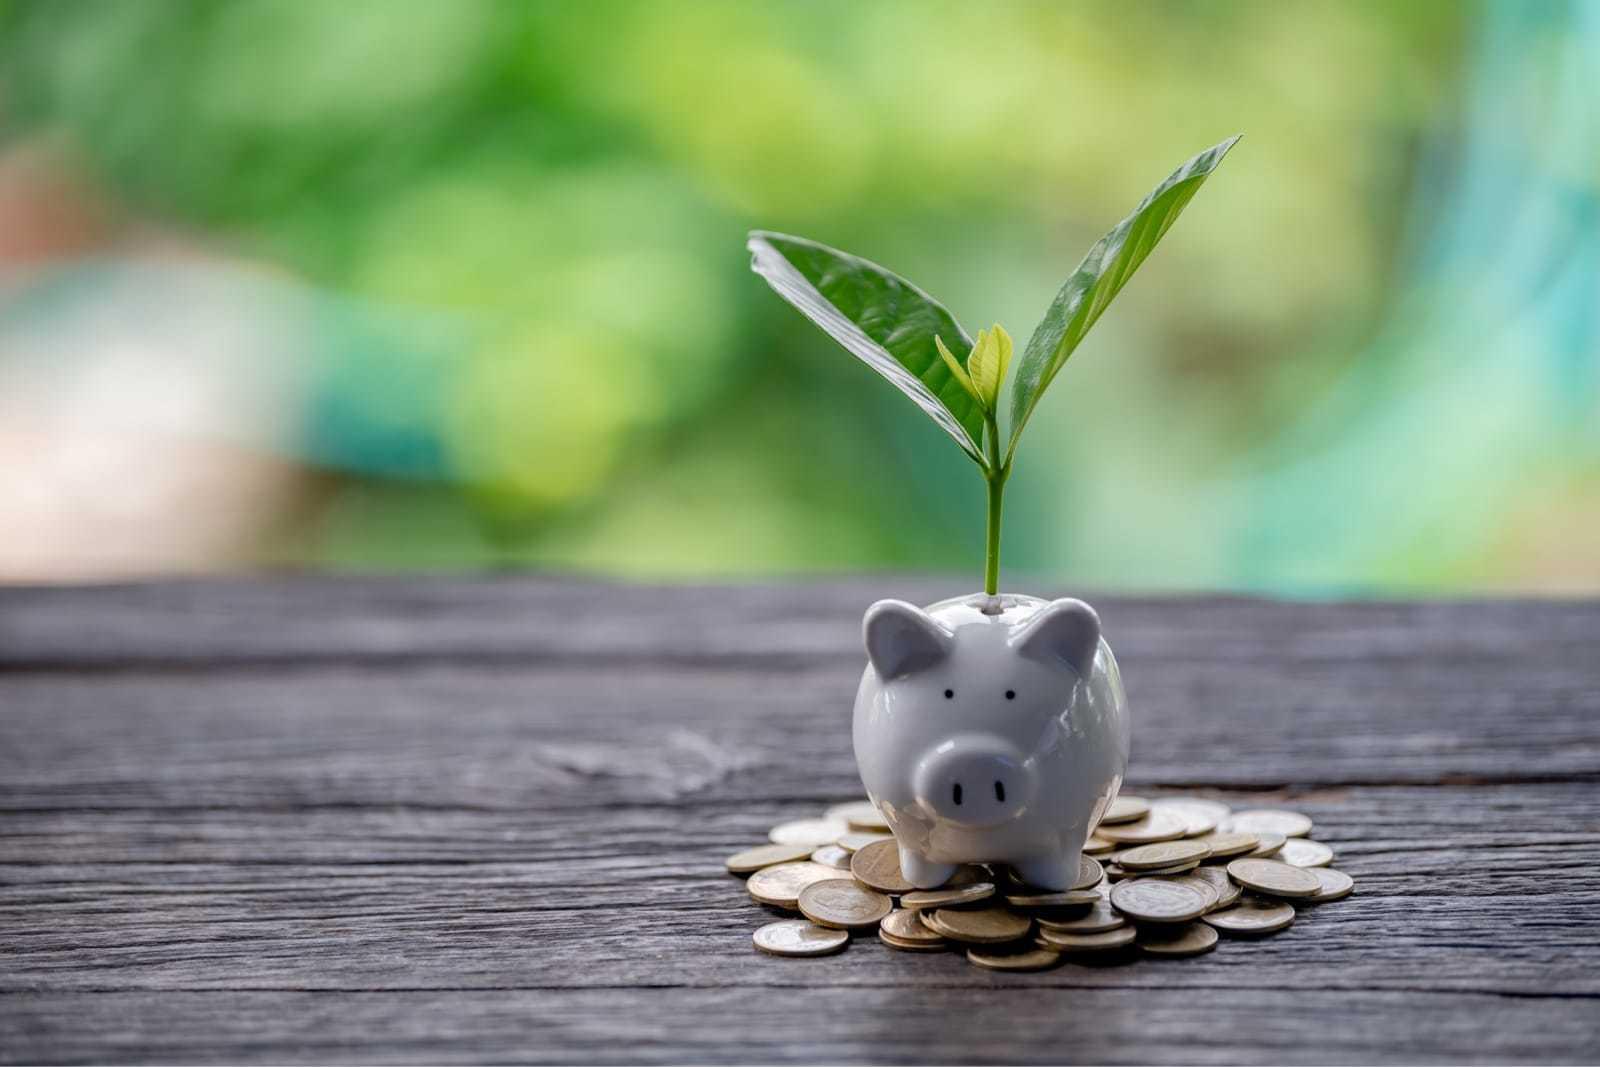 豚の貯金箱と、そこに生えた植物、お金